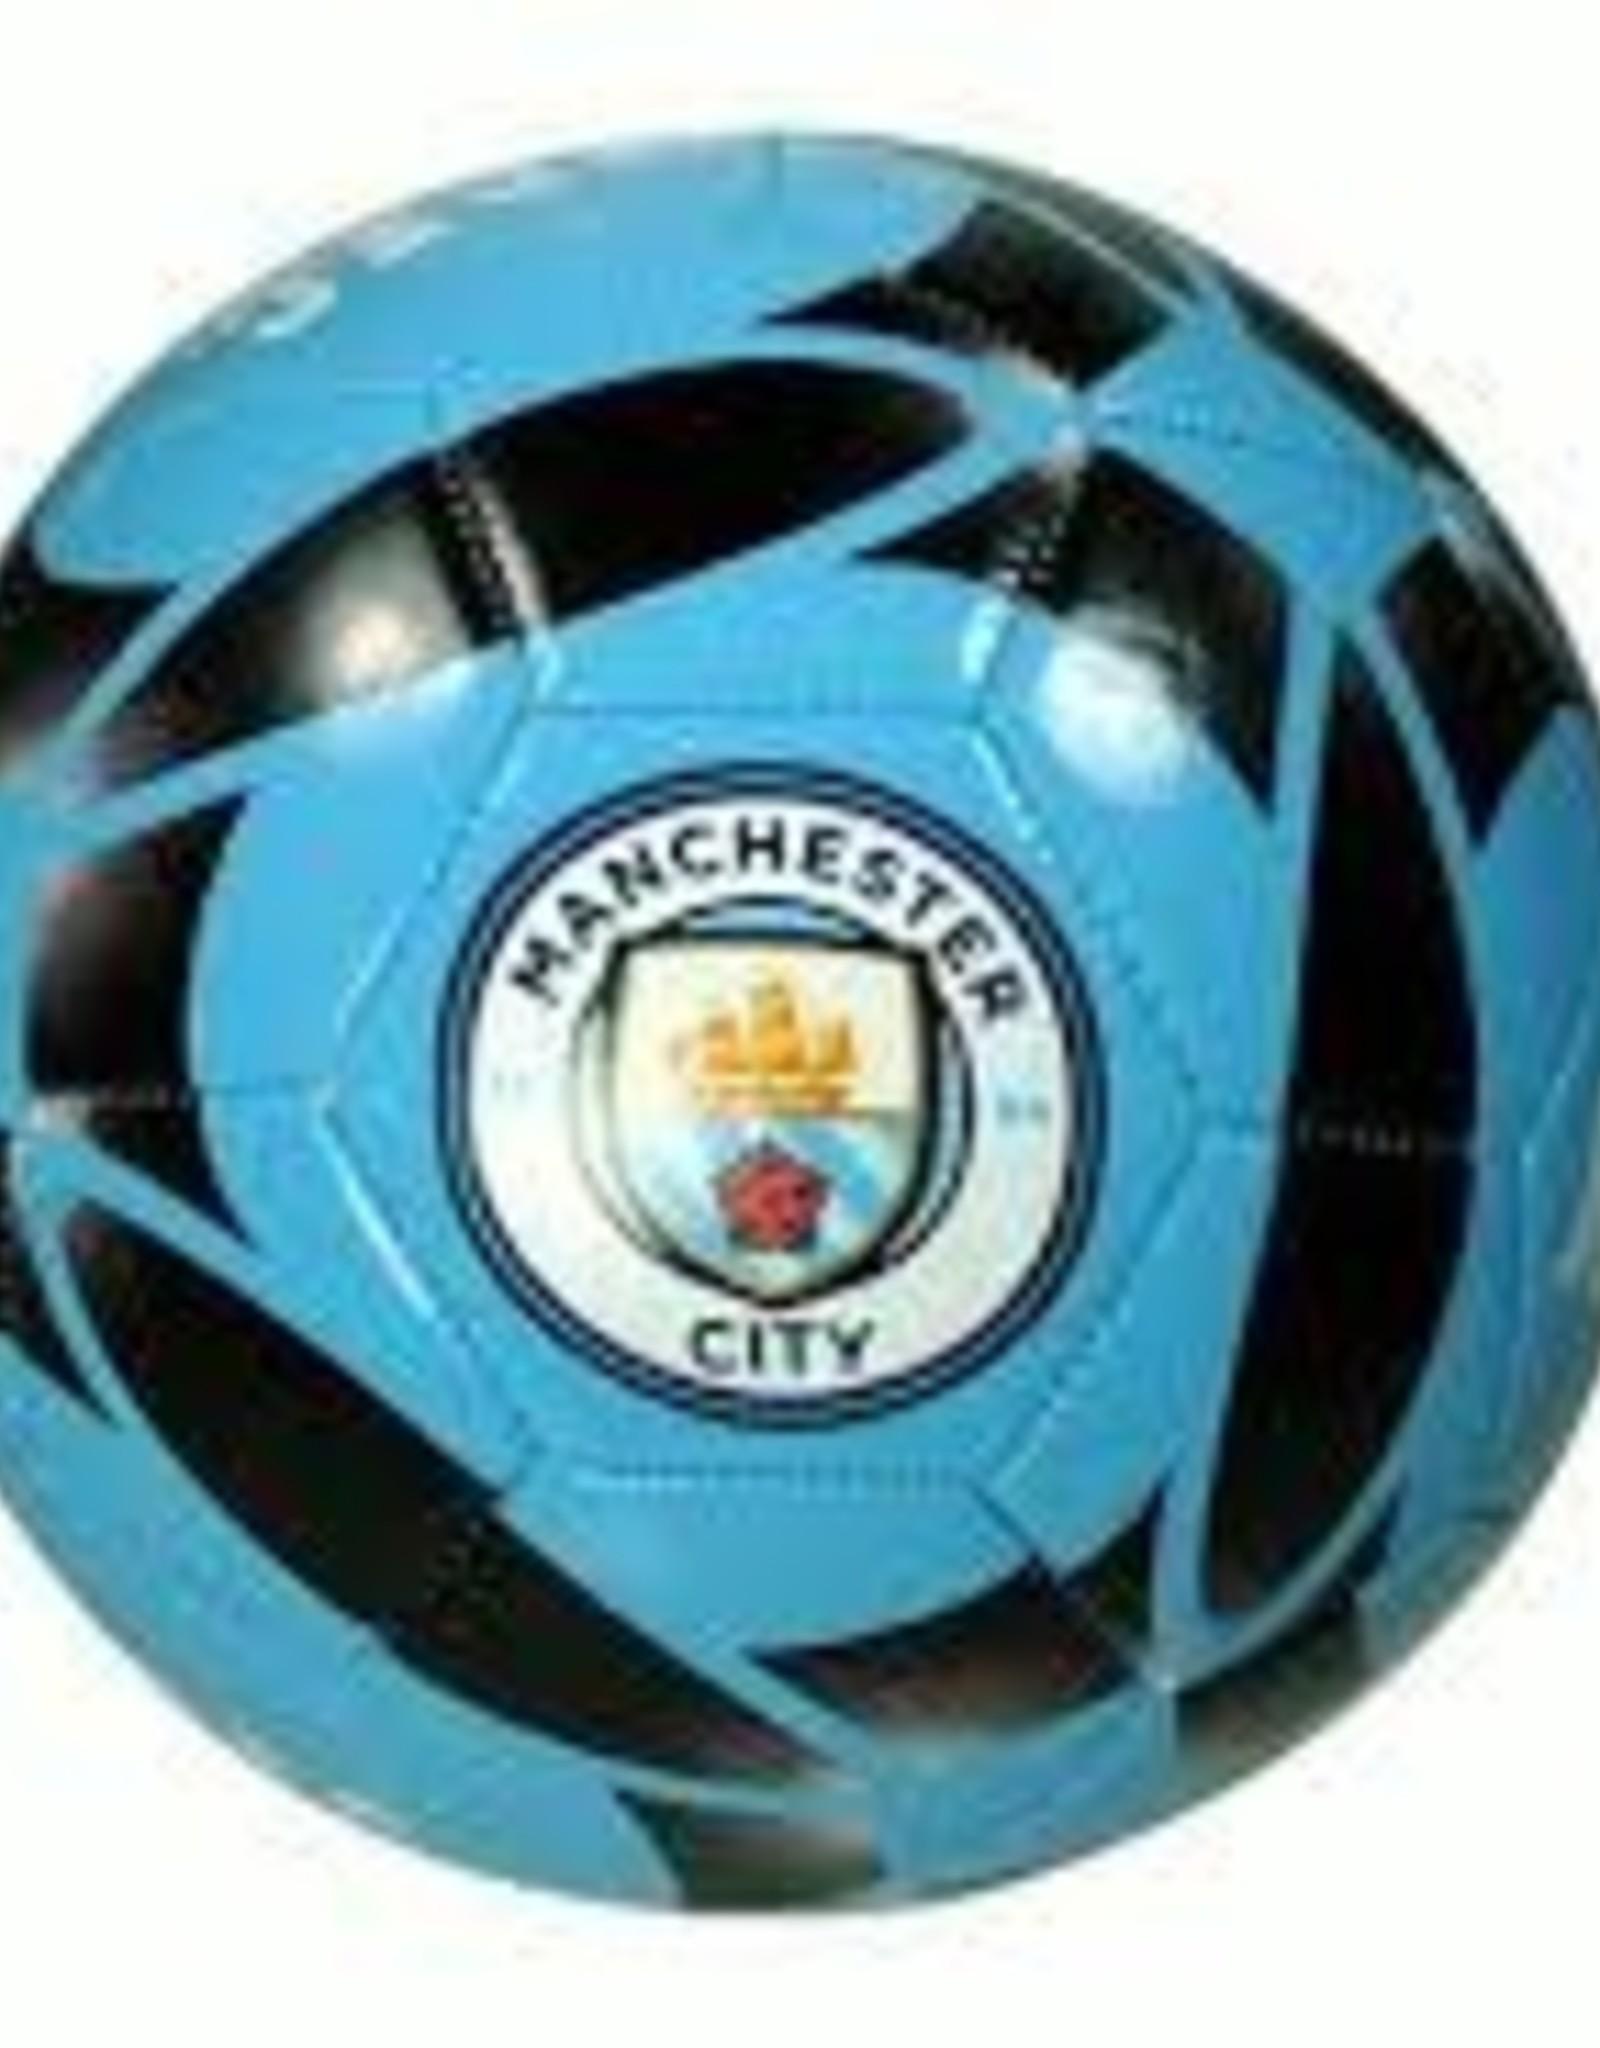 Manchester City Soccer Ball